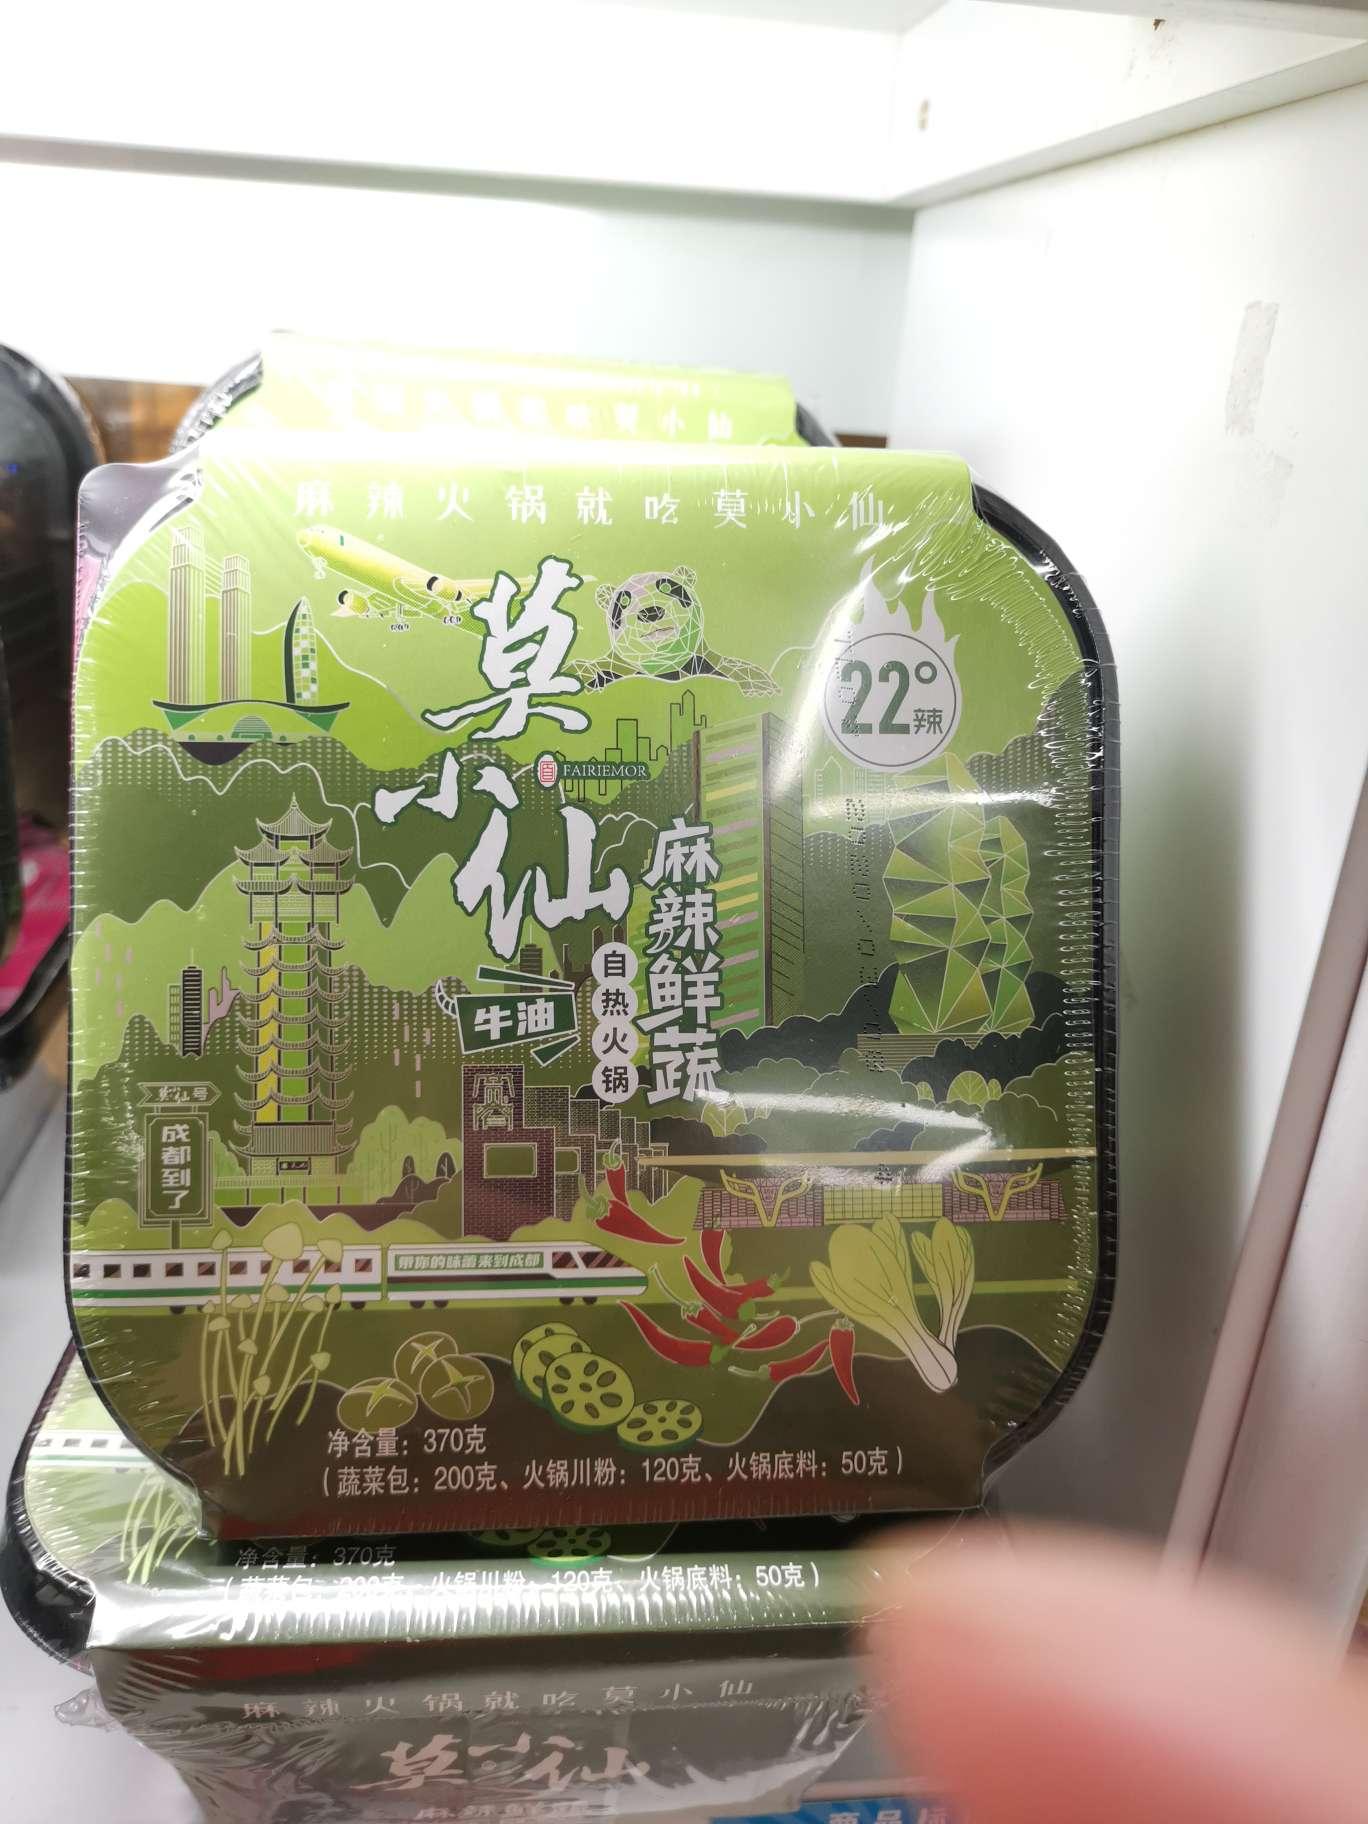 莫小仙麻辣鲜蔬自助火锅